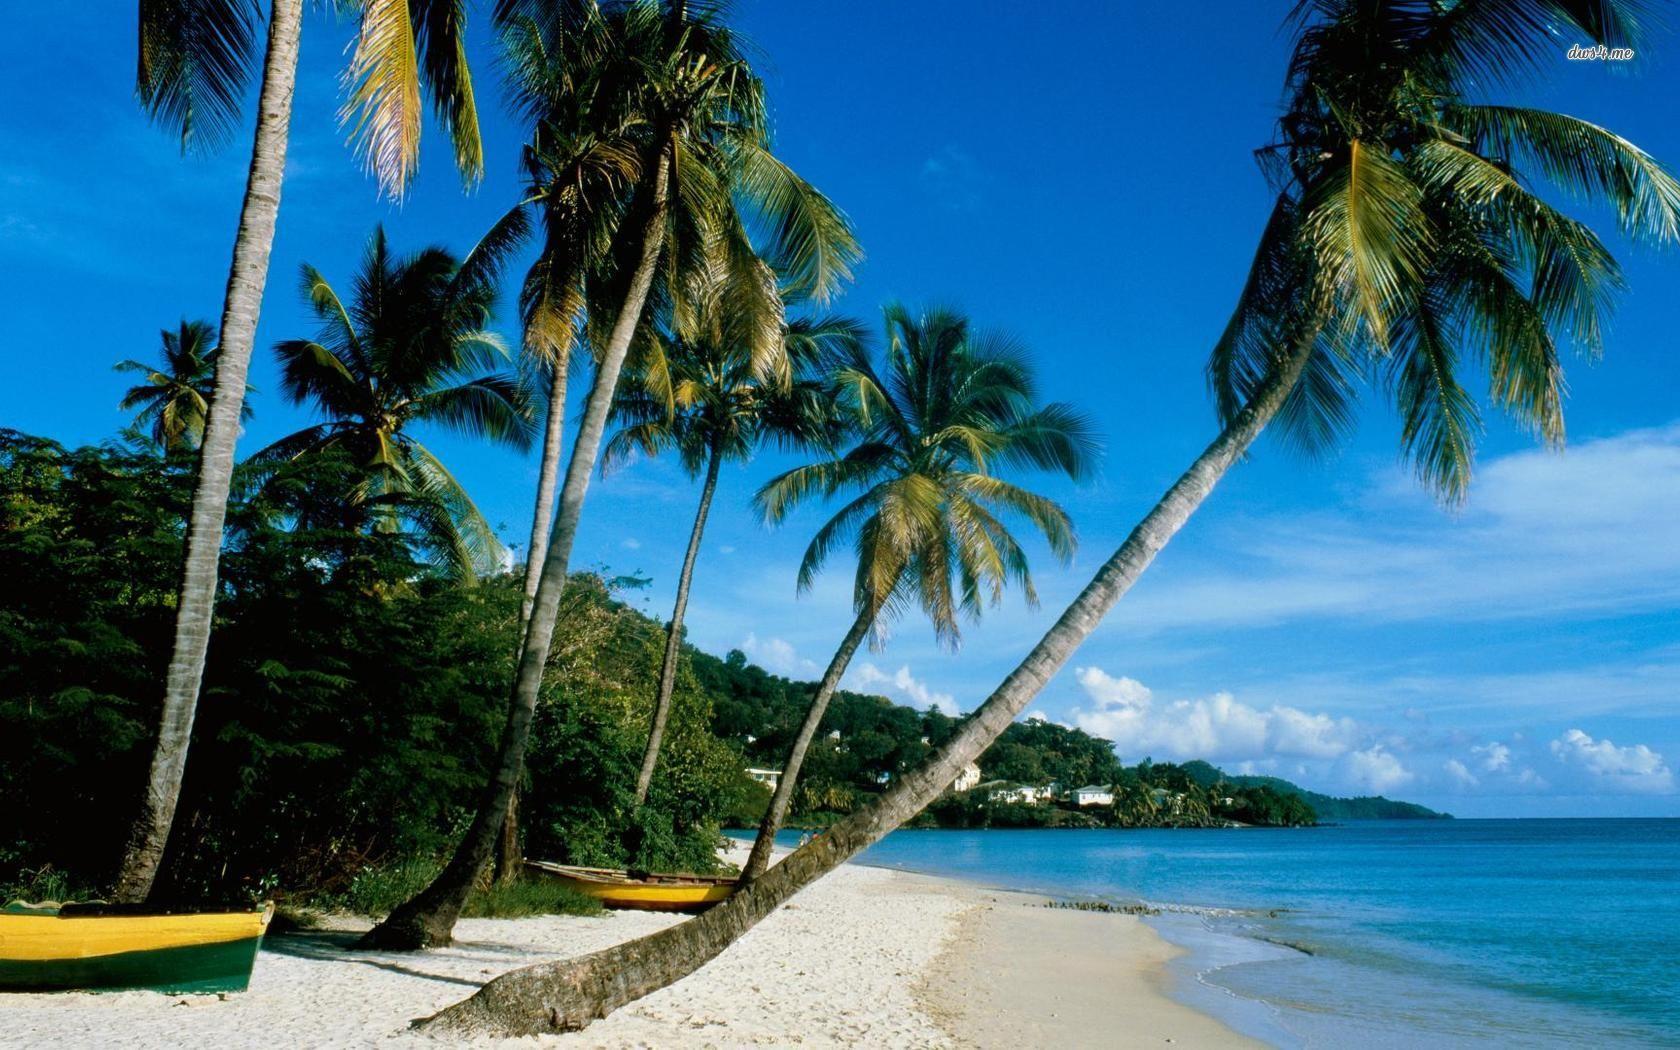 Playas coralinas, aguas transparentes y cocoteros... Así son los Cayos en Cuba!!!